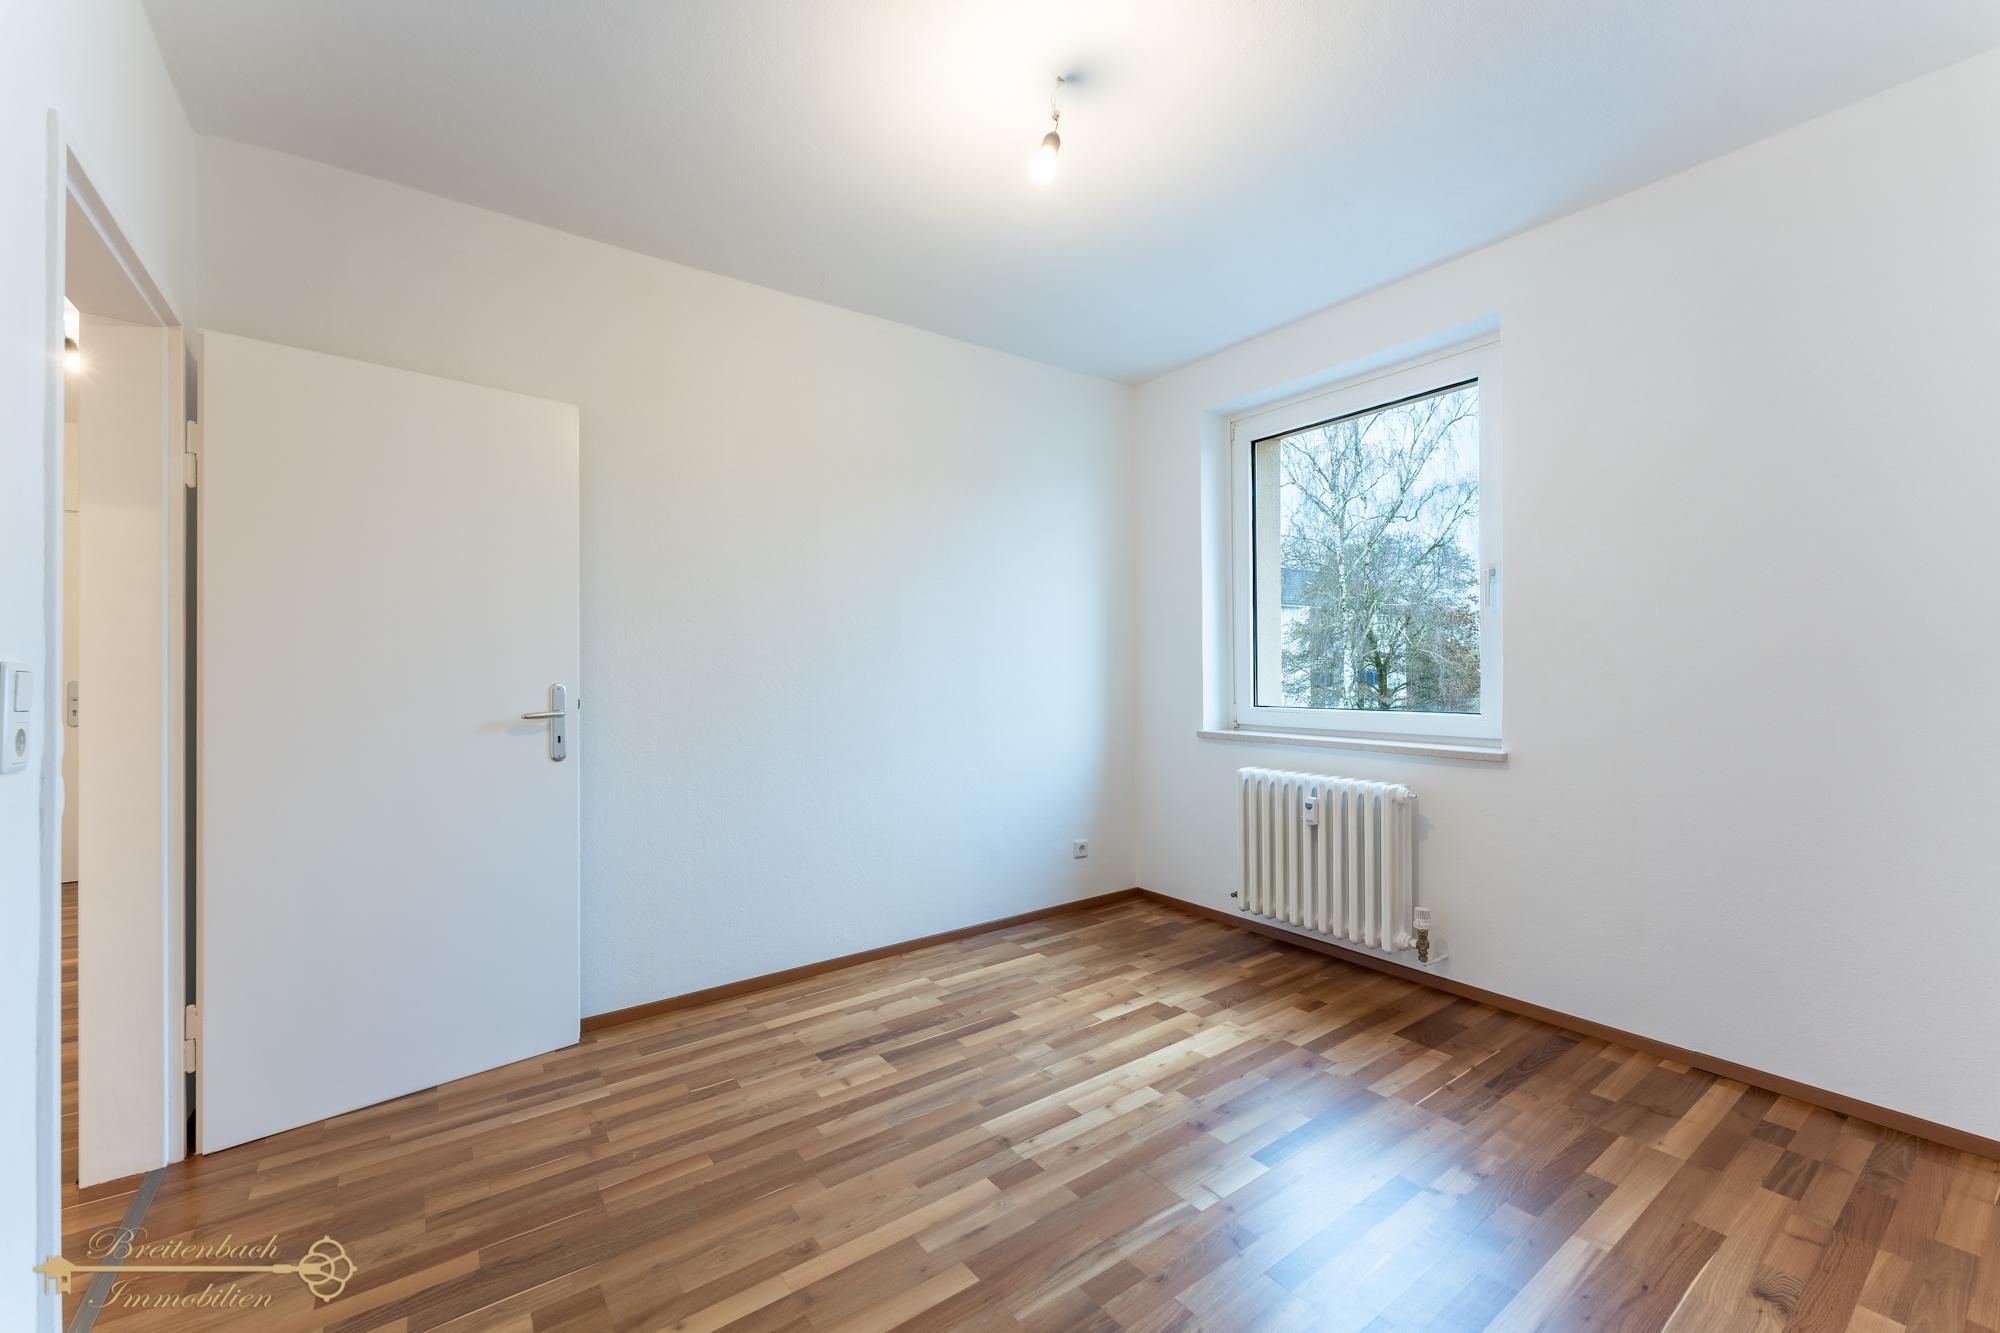 2021-01-09-Breitenbach-Immobilien-7